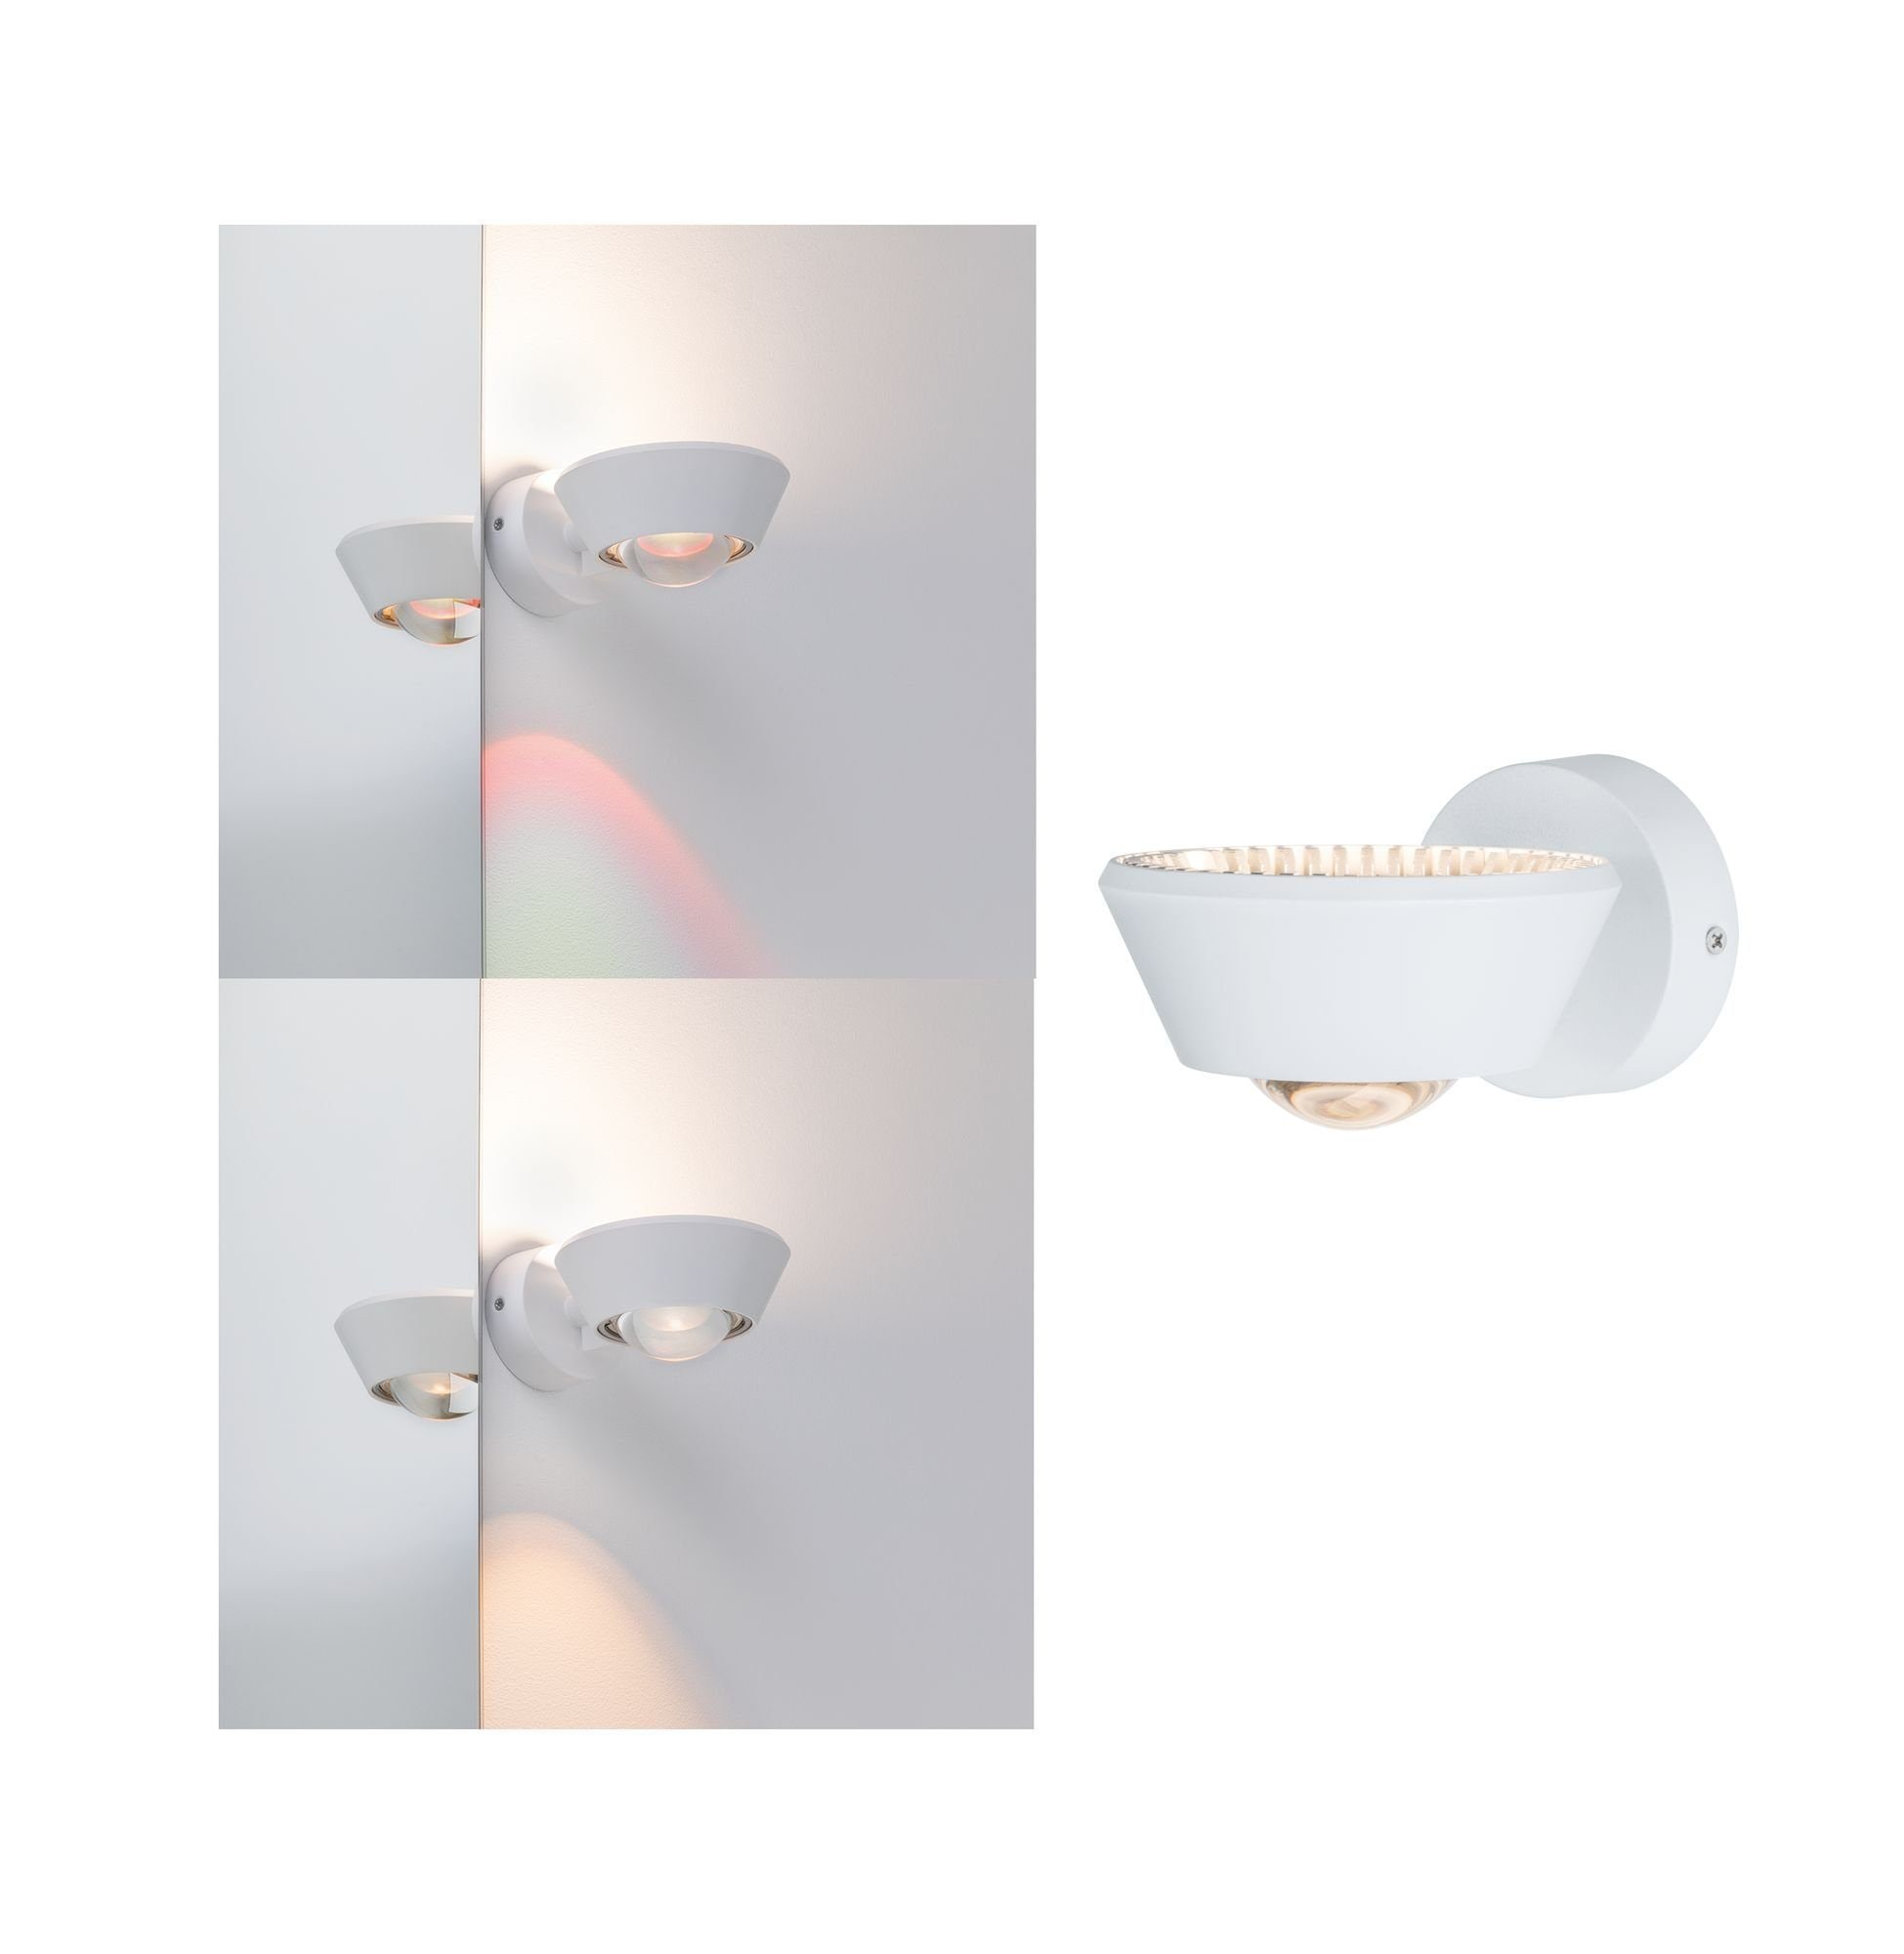 Paulmann LED Wandleuchte Sabik 13W Weiß matt dimmbar, 1 St., Warmweiß